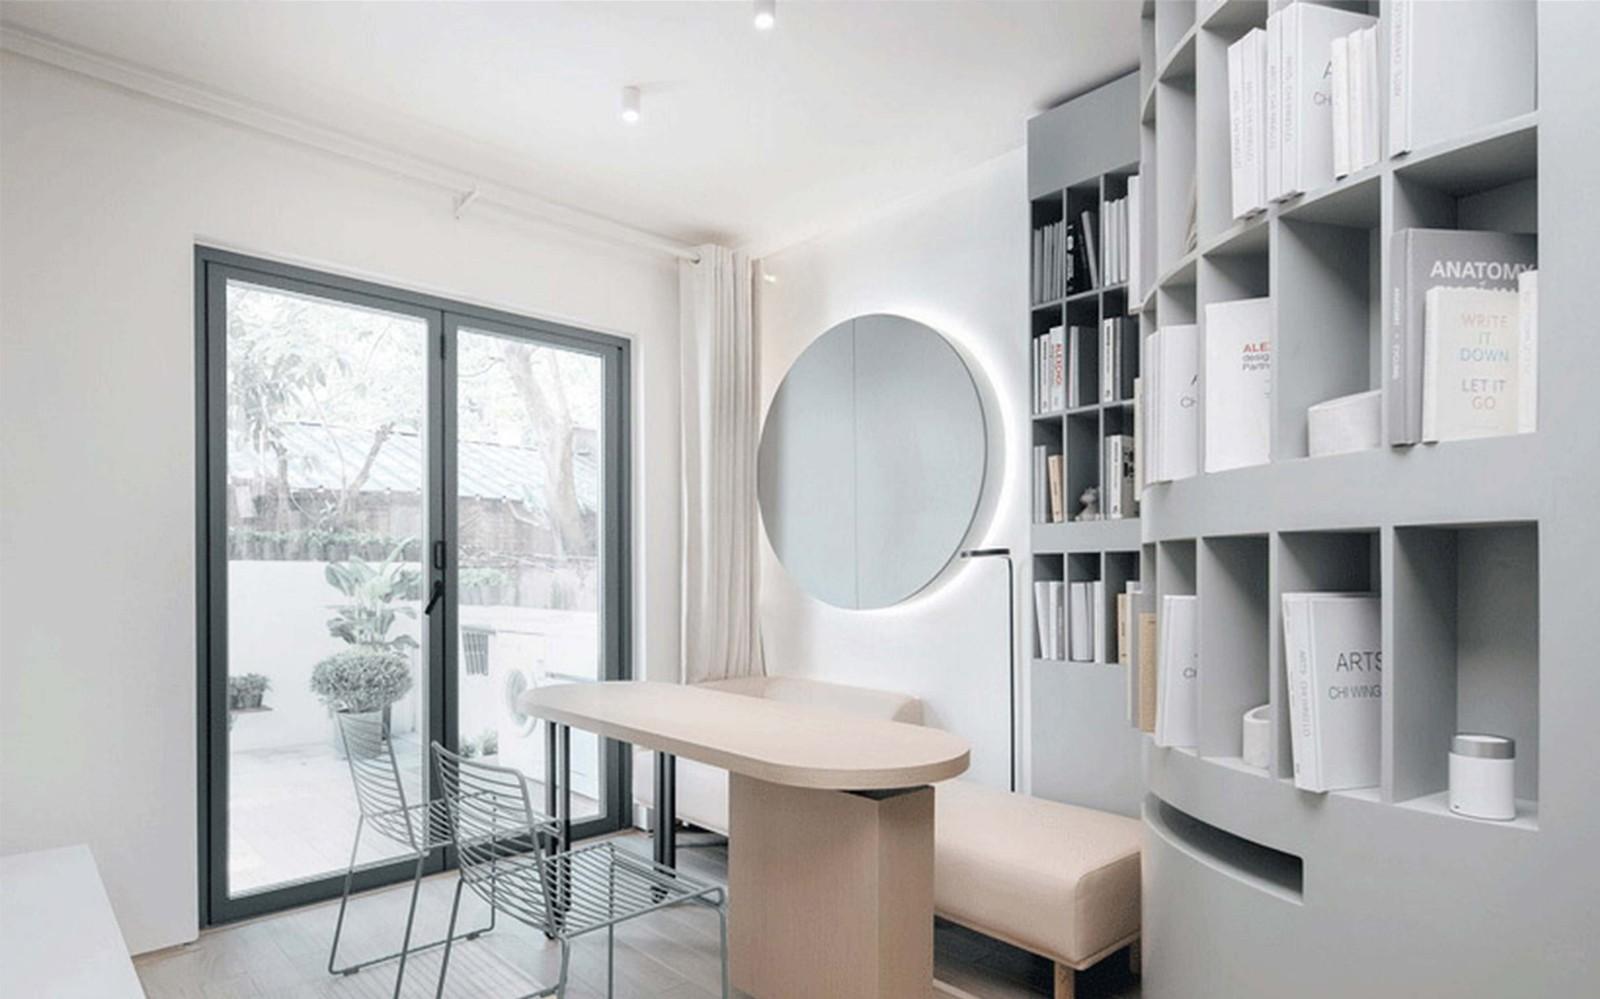 2019北欧60平米以下装修效果图大全 2019北欧二居室装修设计